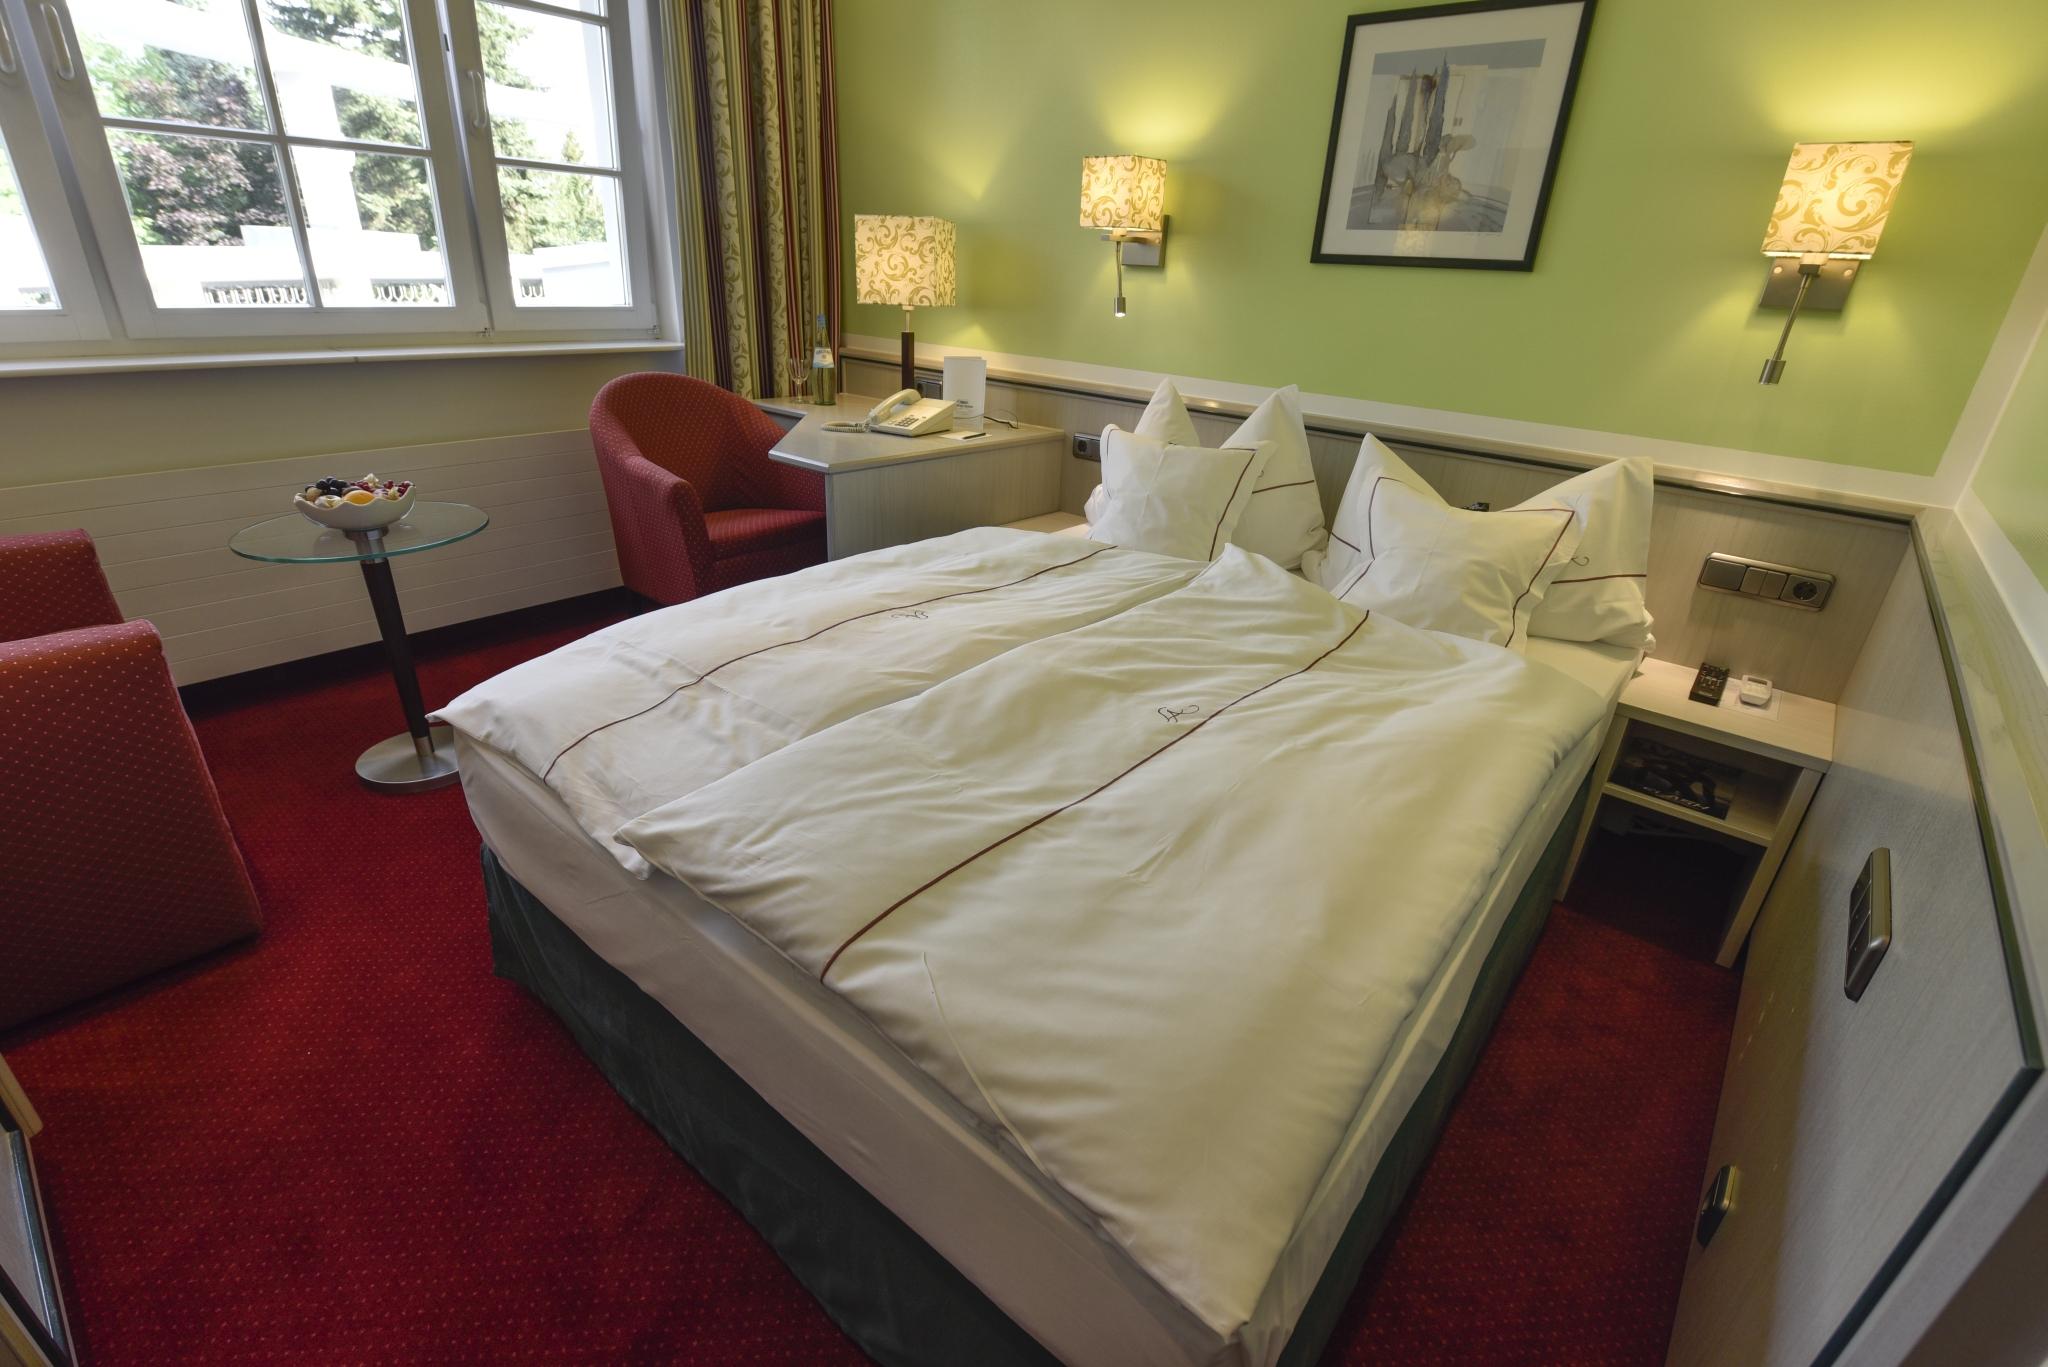 Full Size of Hotel Landhaus Alpinia Bett Matratze Joop Betten Sonoma Eiche 140x200 80x200 160x200 Mit Lattenrost Und Weiß Hasena Tagesdecken Für Himmel 180x200 Bettkasten Bett Bett 1.40